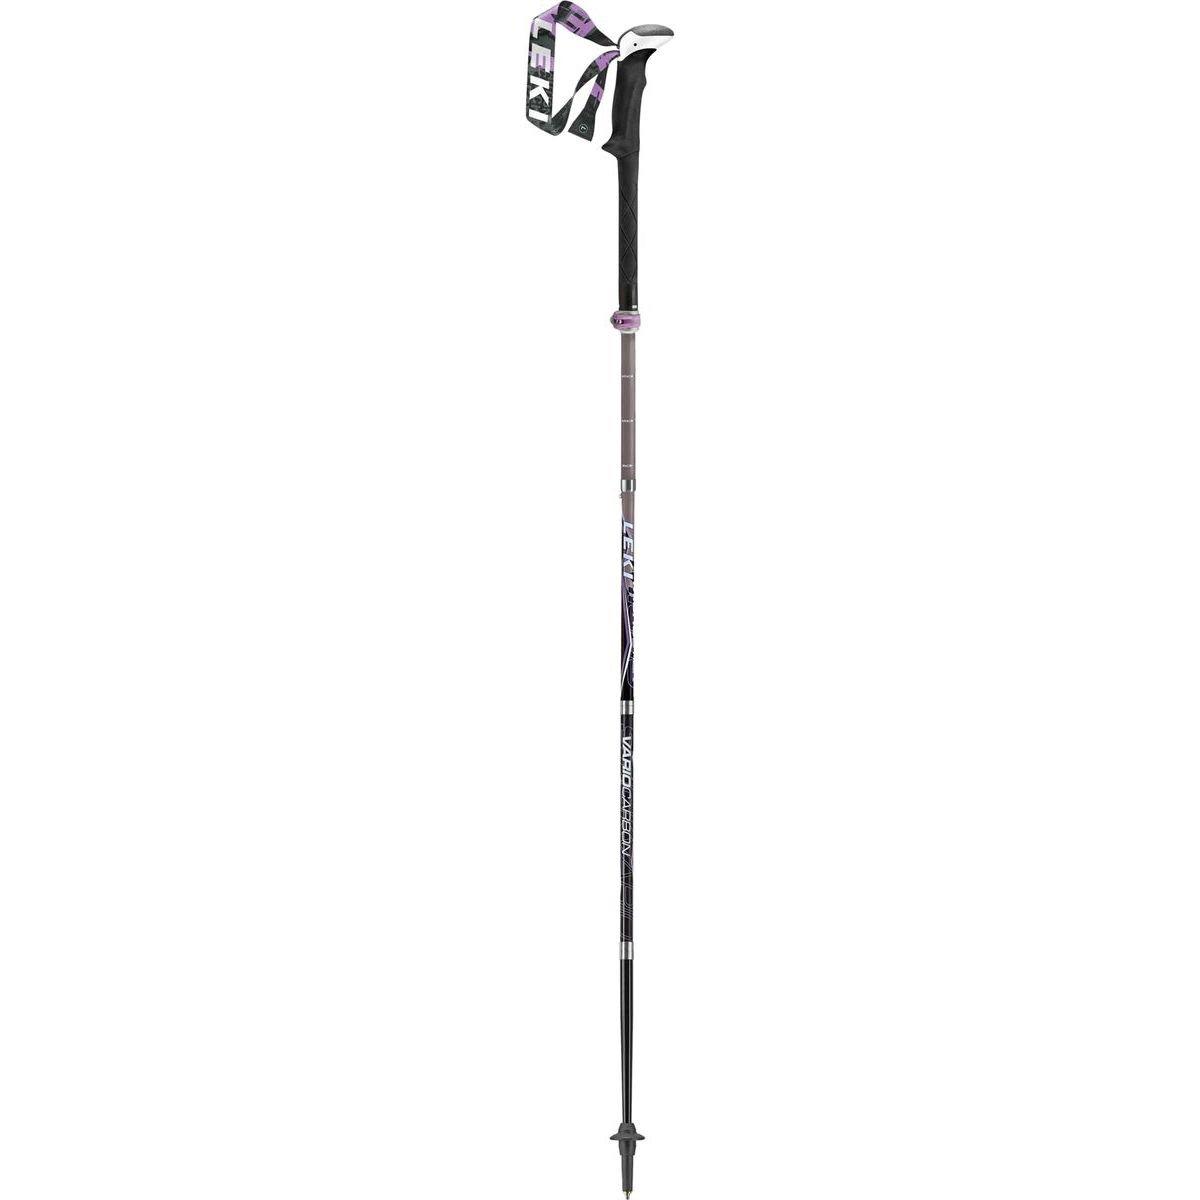 【予約受付中】 Leki B019CZX1QI Micro Vario Carbon Lady極DSSトレッキング Size – Women 's 's B019CZX1QI One Size, モールジャパン:f0a93e6c --- a0267596.xsph.ru